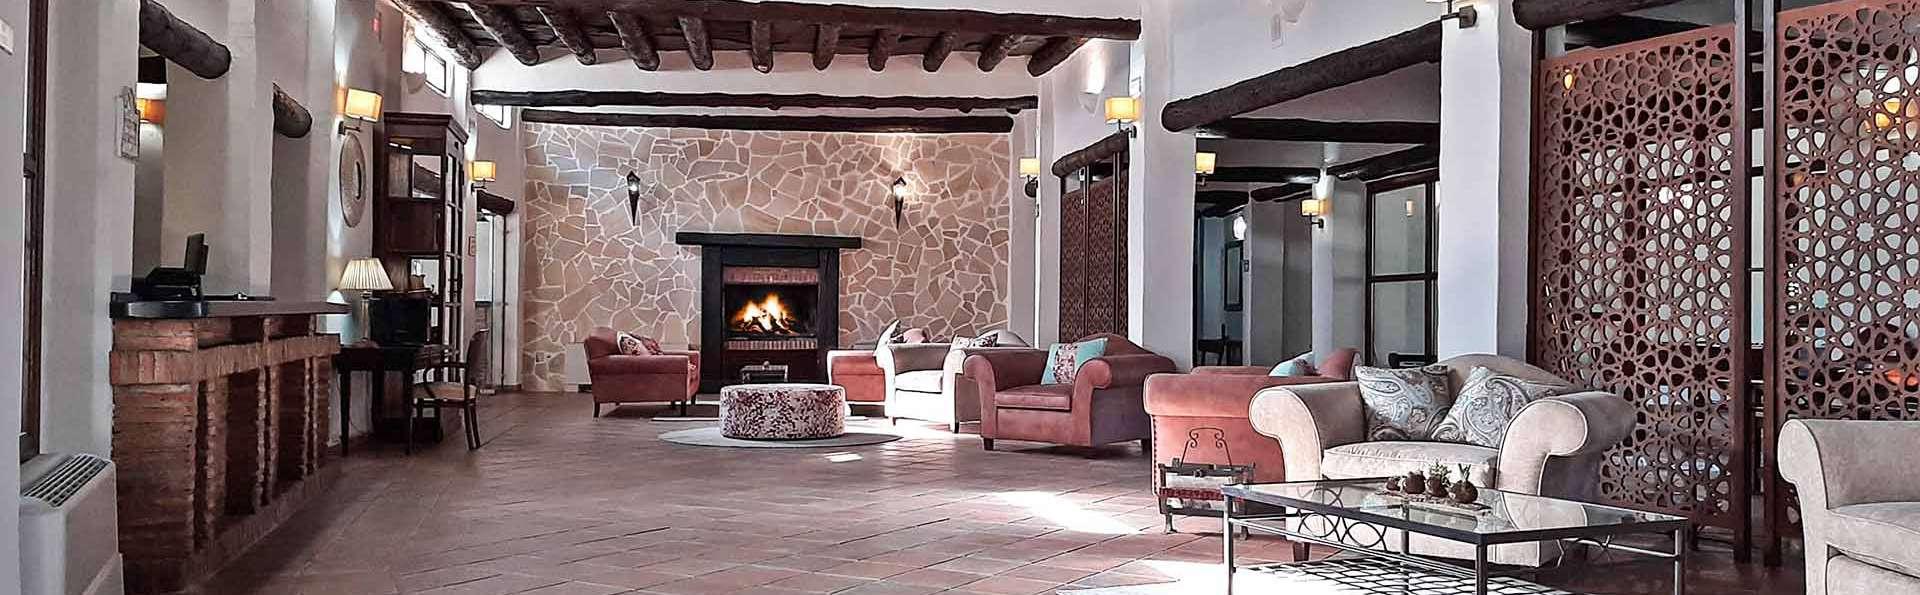 Hotel Apartamento Nueva Alcazaba  - EDIT_Recepcion_Entrada_01.jpg